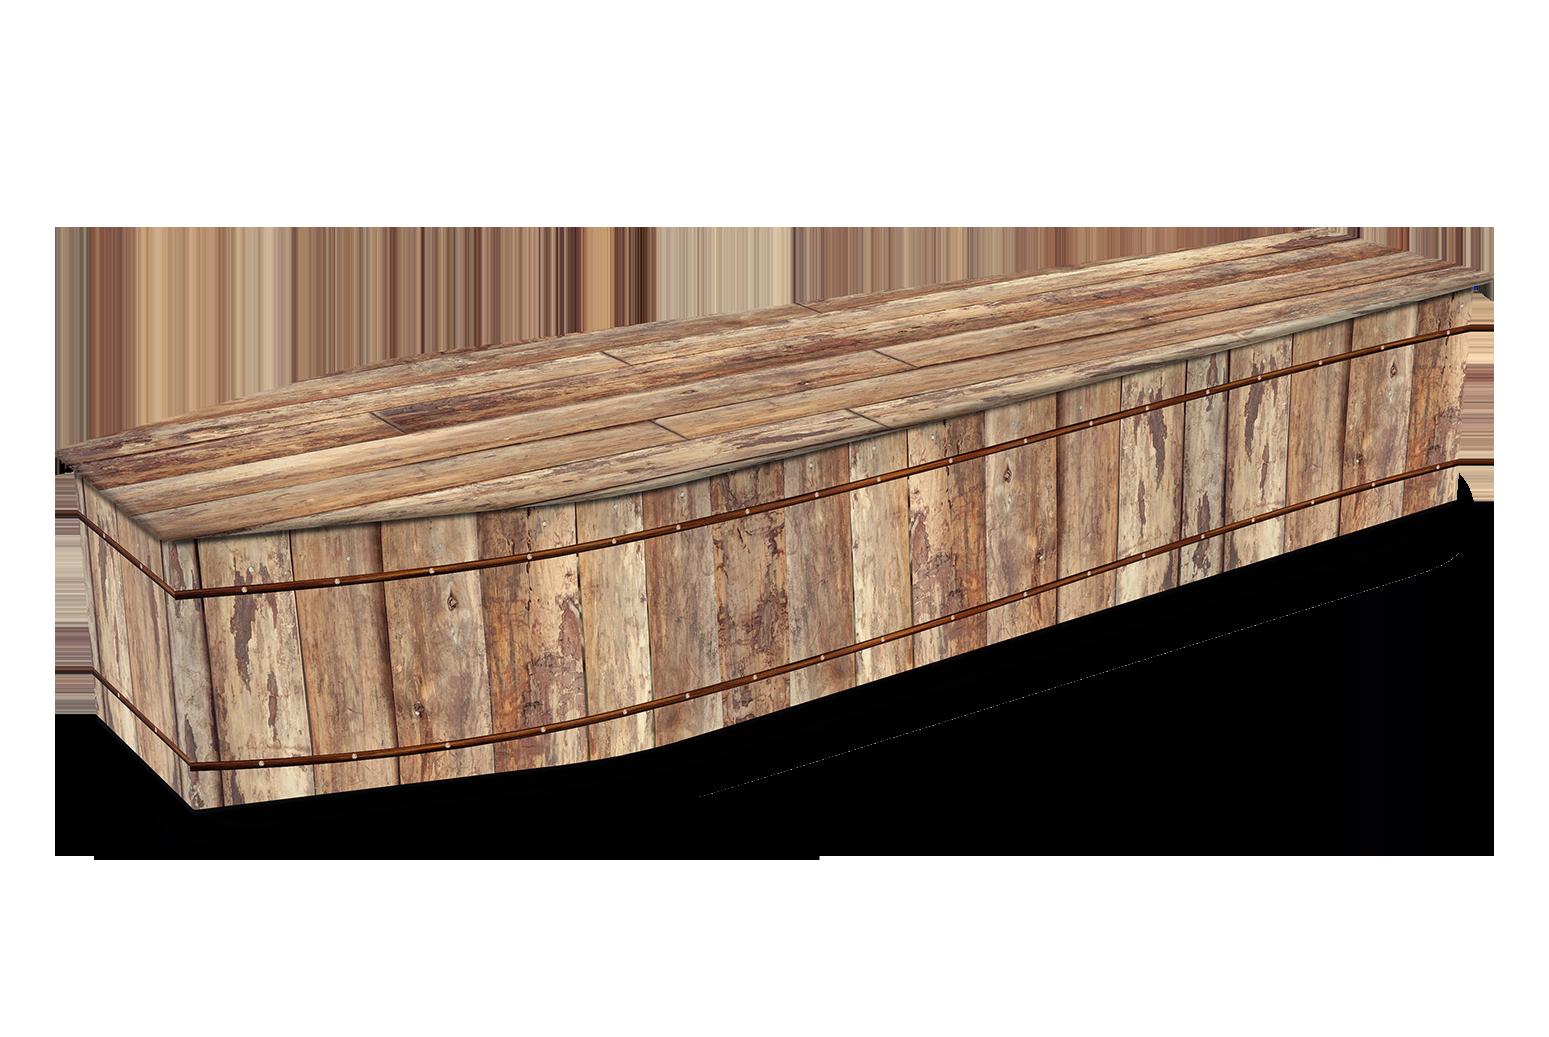 Timber Palings